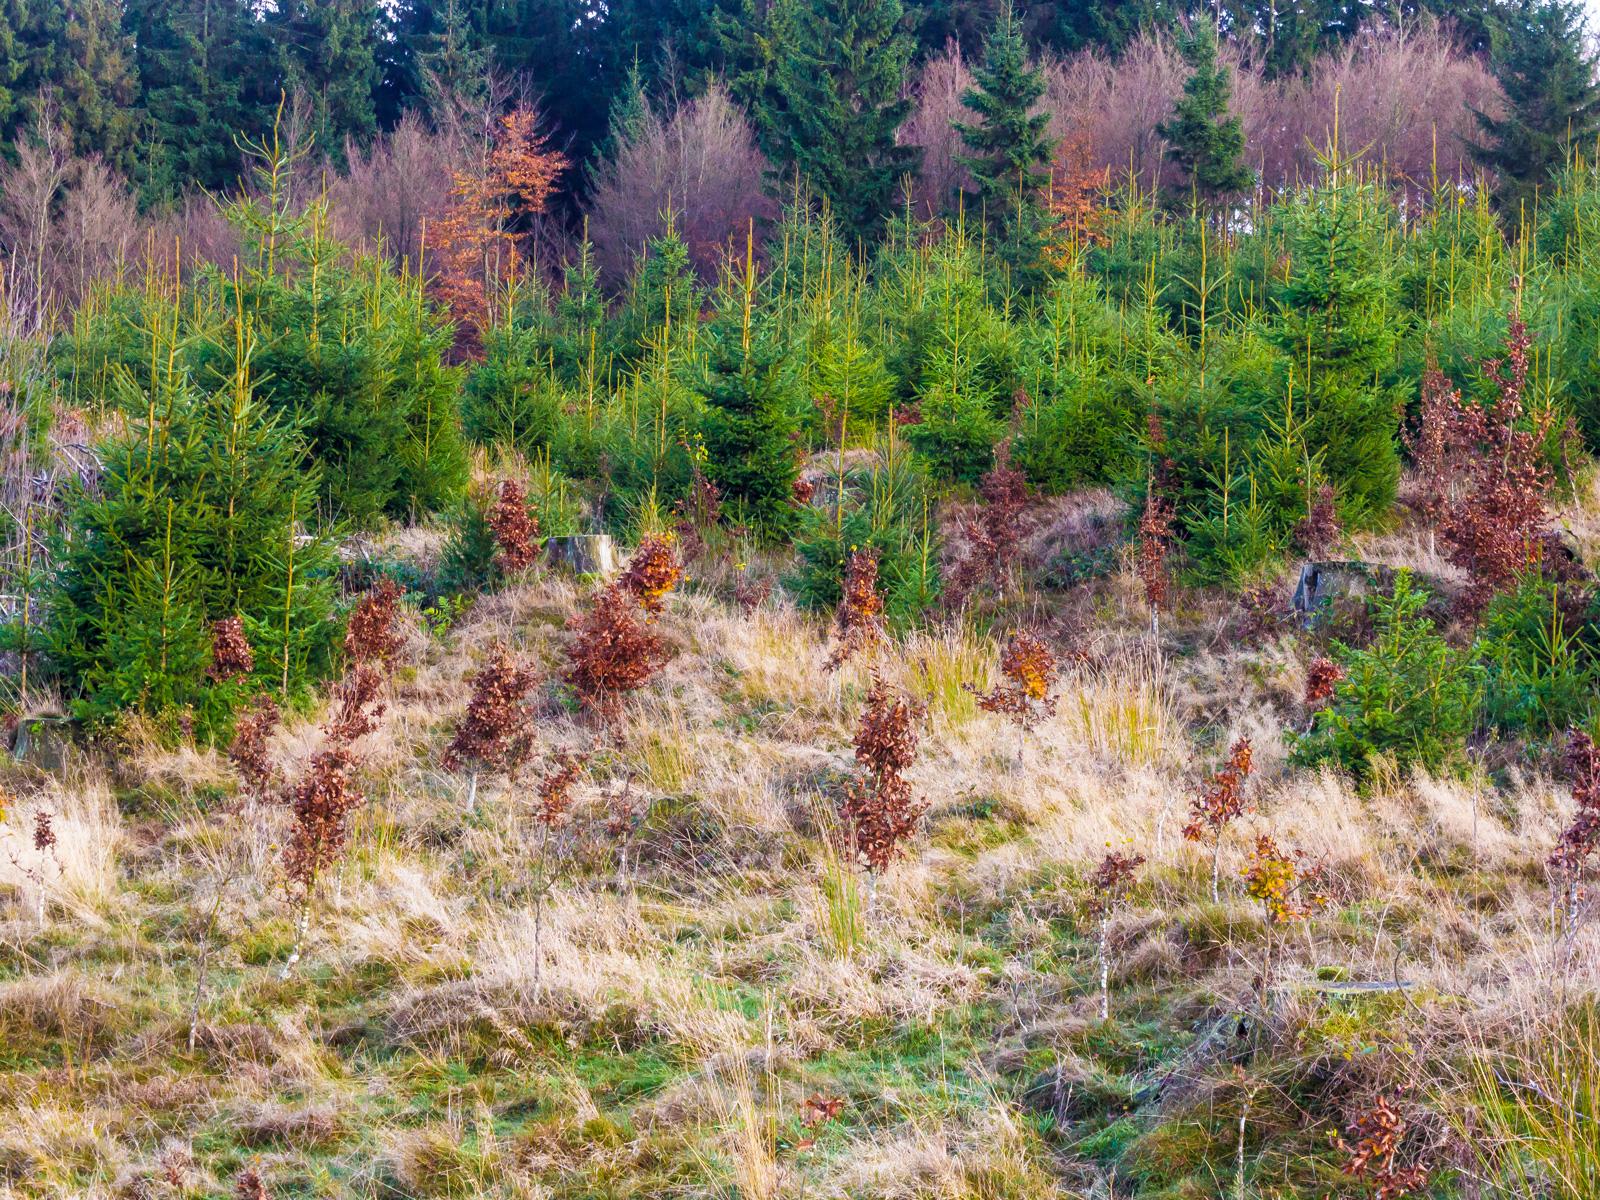 Wildschäden an künstlich gepflanzten Buchensetzlingen